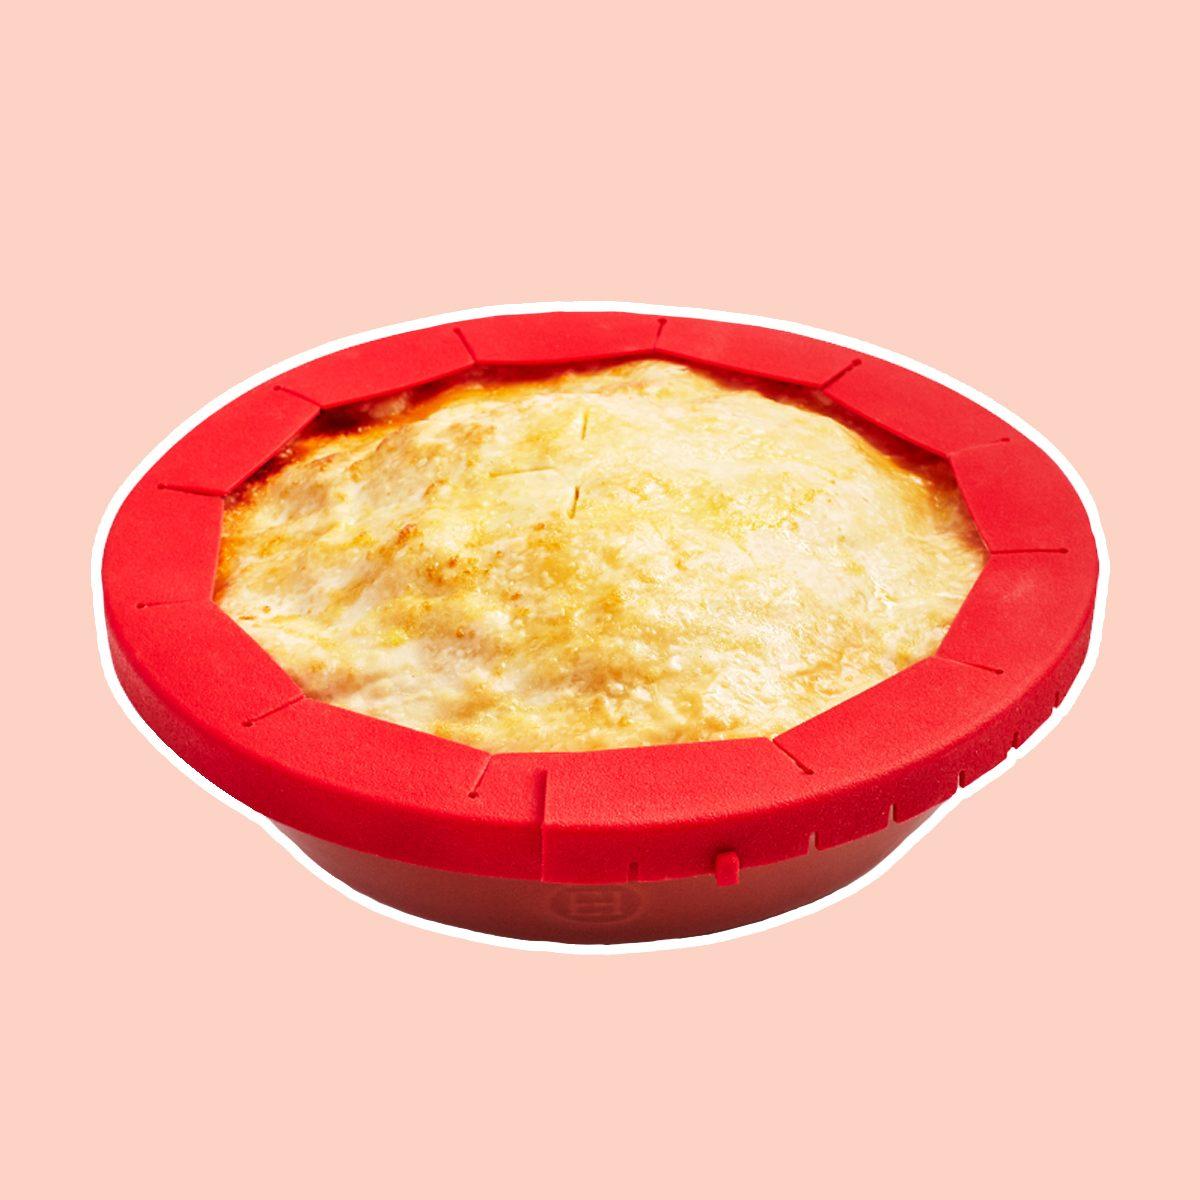 Adjustable Silicone Pie Shield